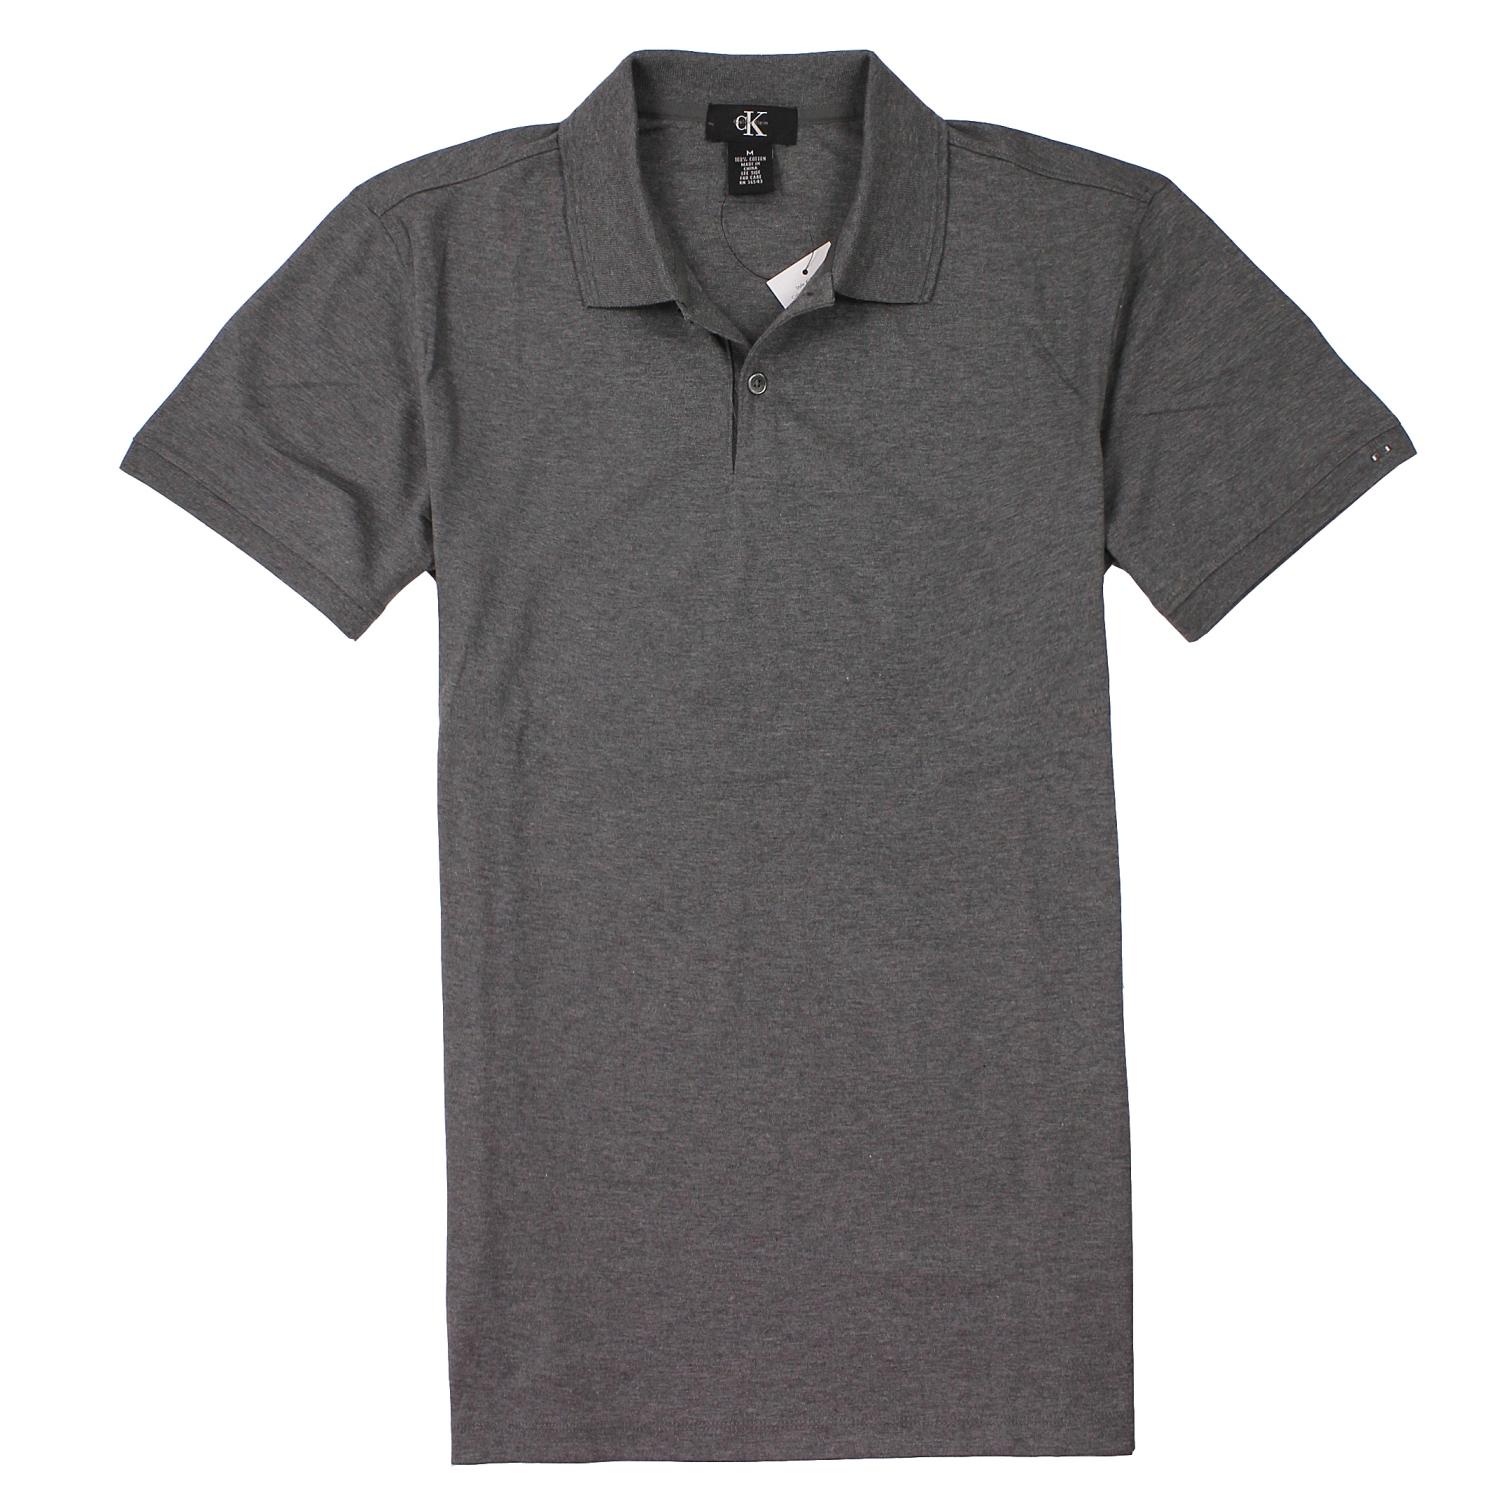 美國百分百【全新真品】Calvin Klein Polo衫 CK 短袖 上衣 棉質 素面 純棉 灰 男衣 M L XL XXL號